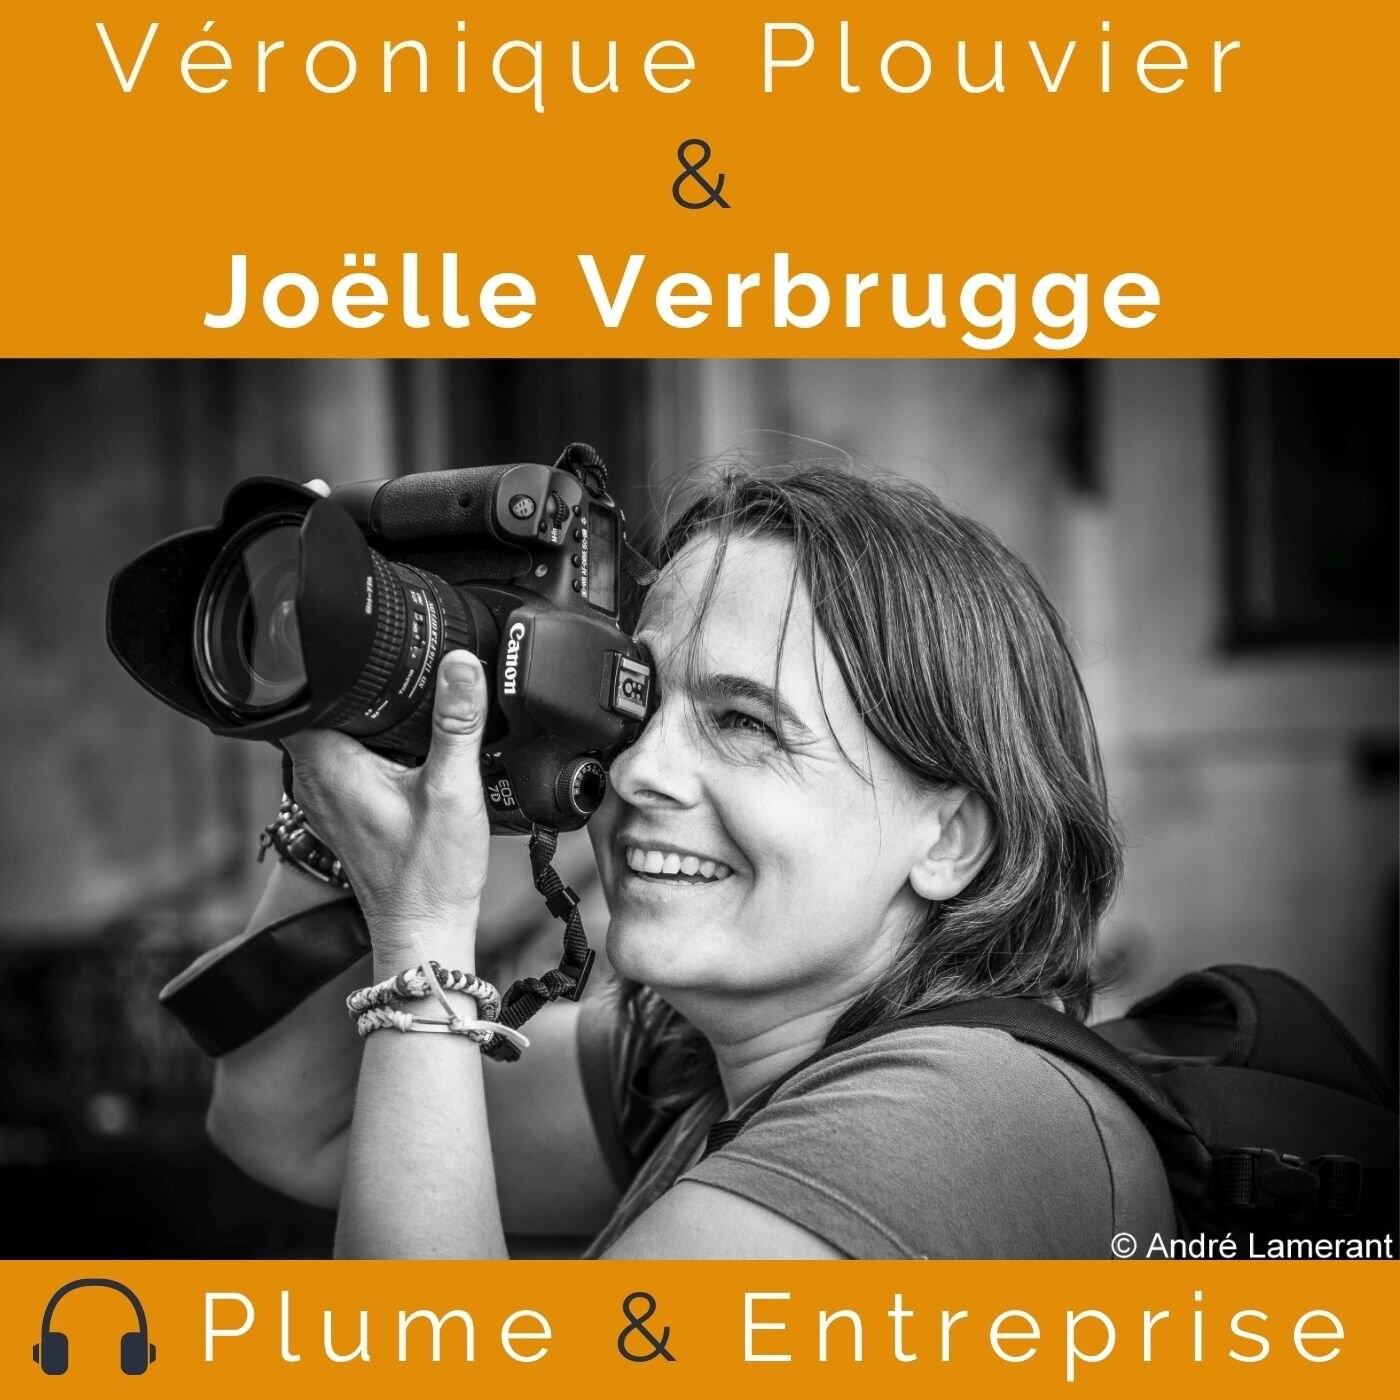 # 43 Joëlle Verbrugge, avocate et auteur-photographe